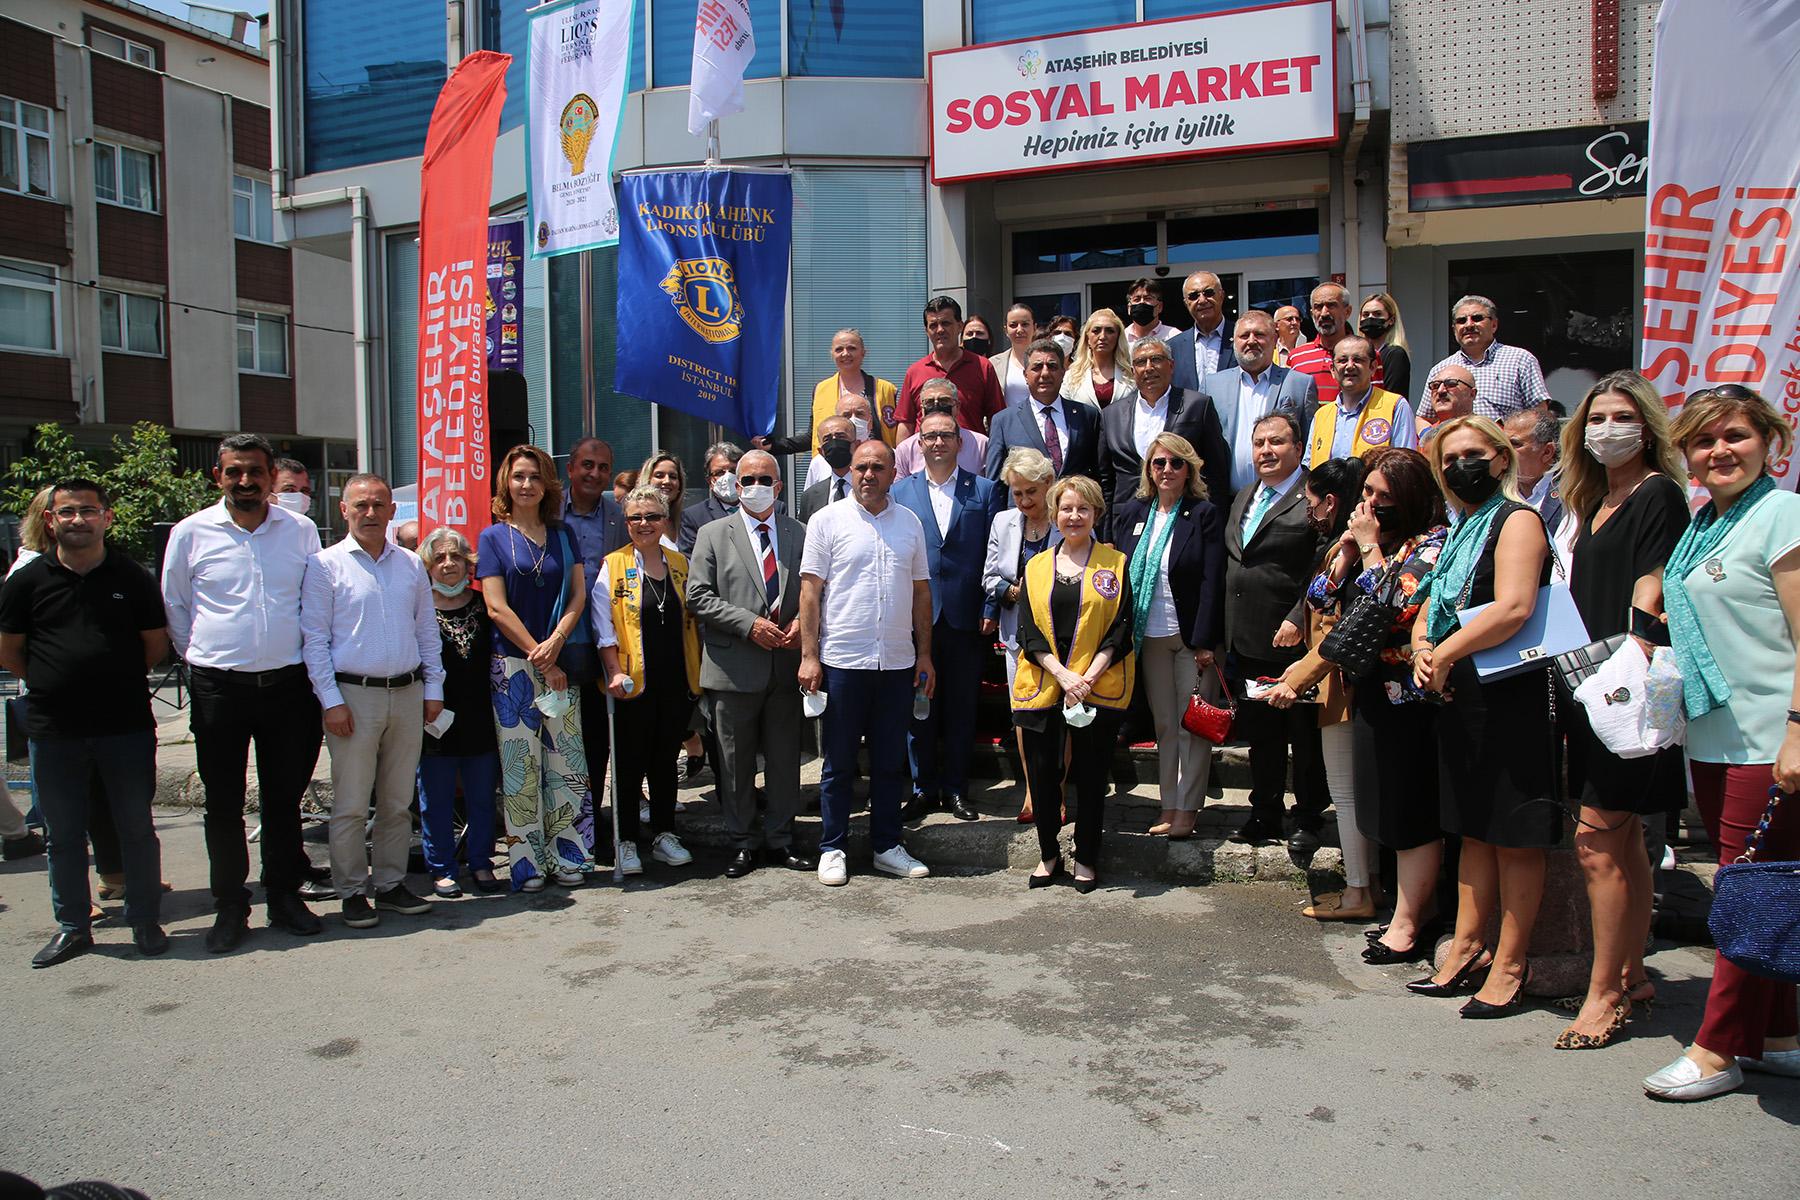 Ataşehir'e modern bir sosyal market daha kazandırıldı